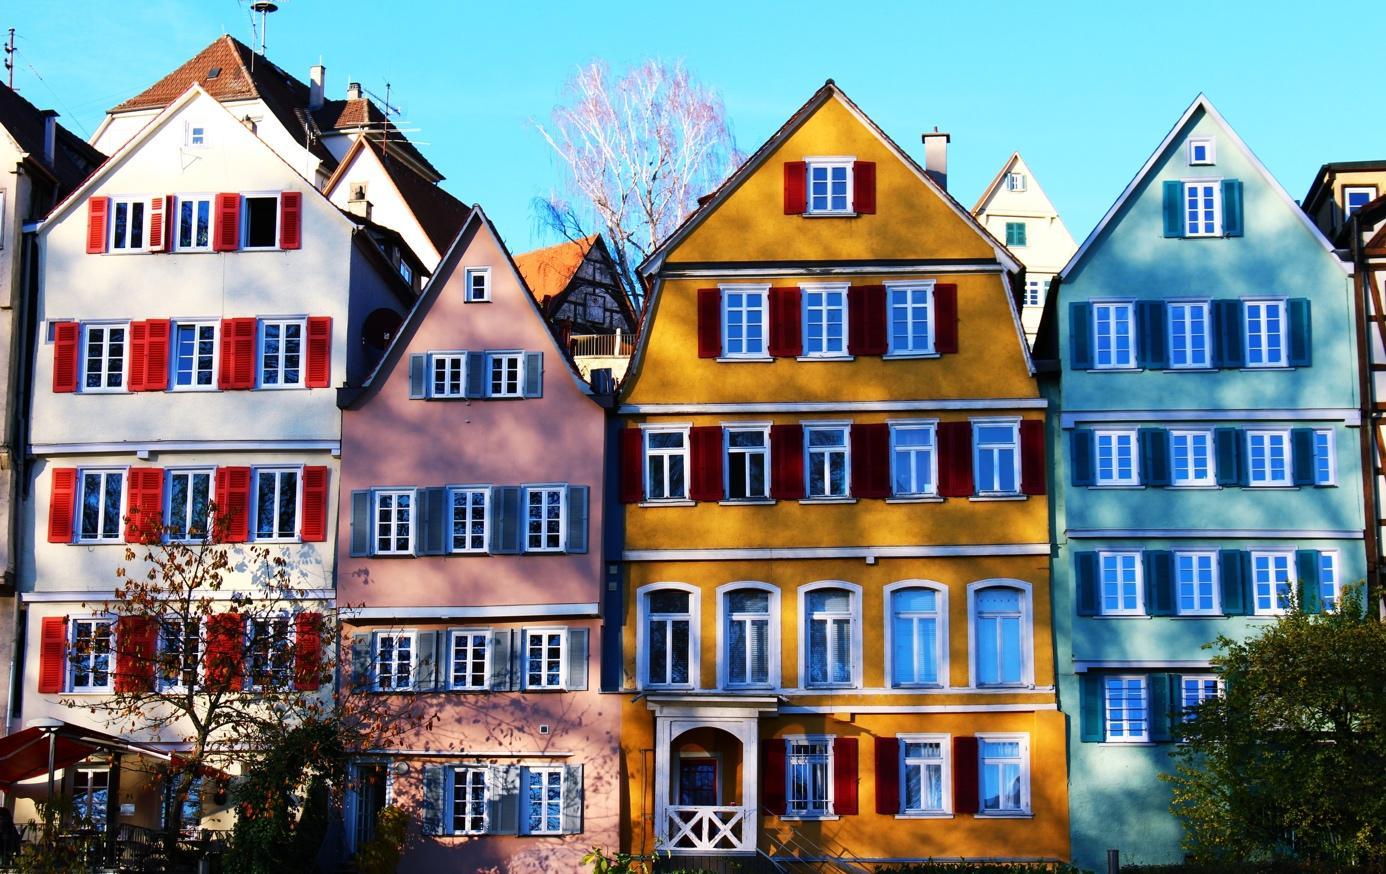 Mua nhà ở Đức (1)